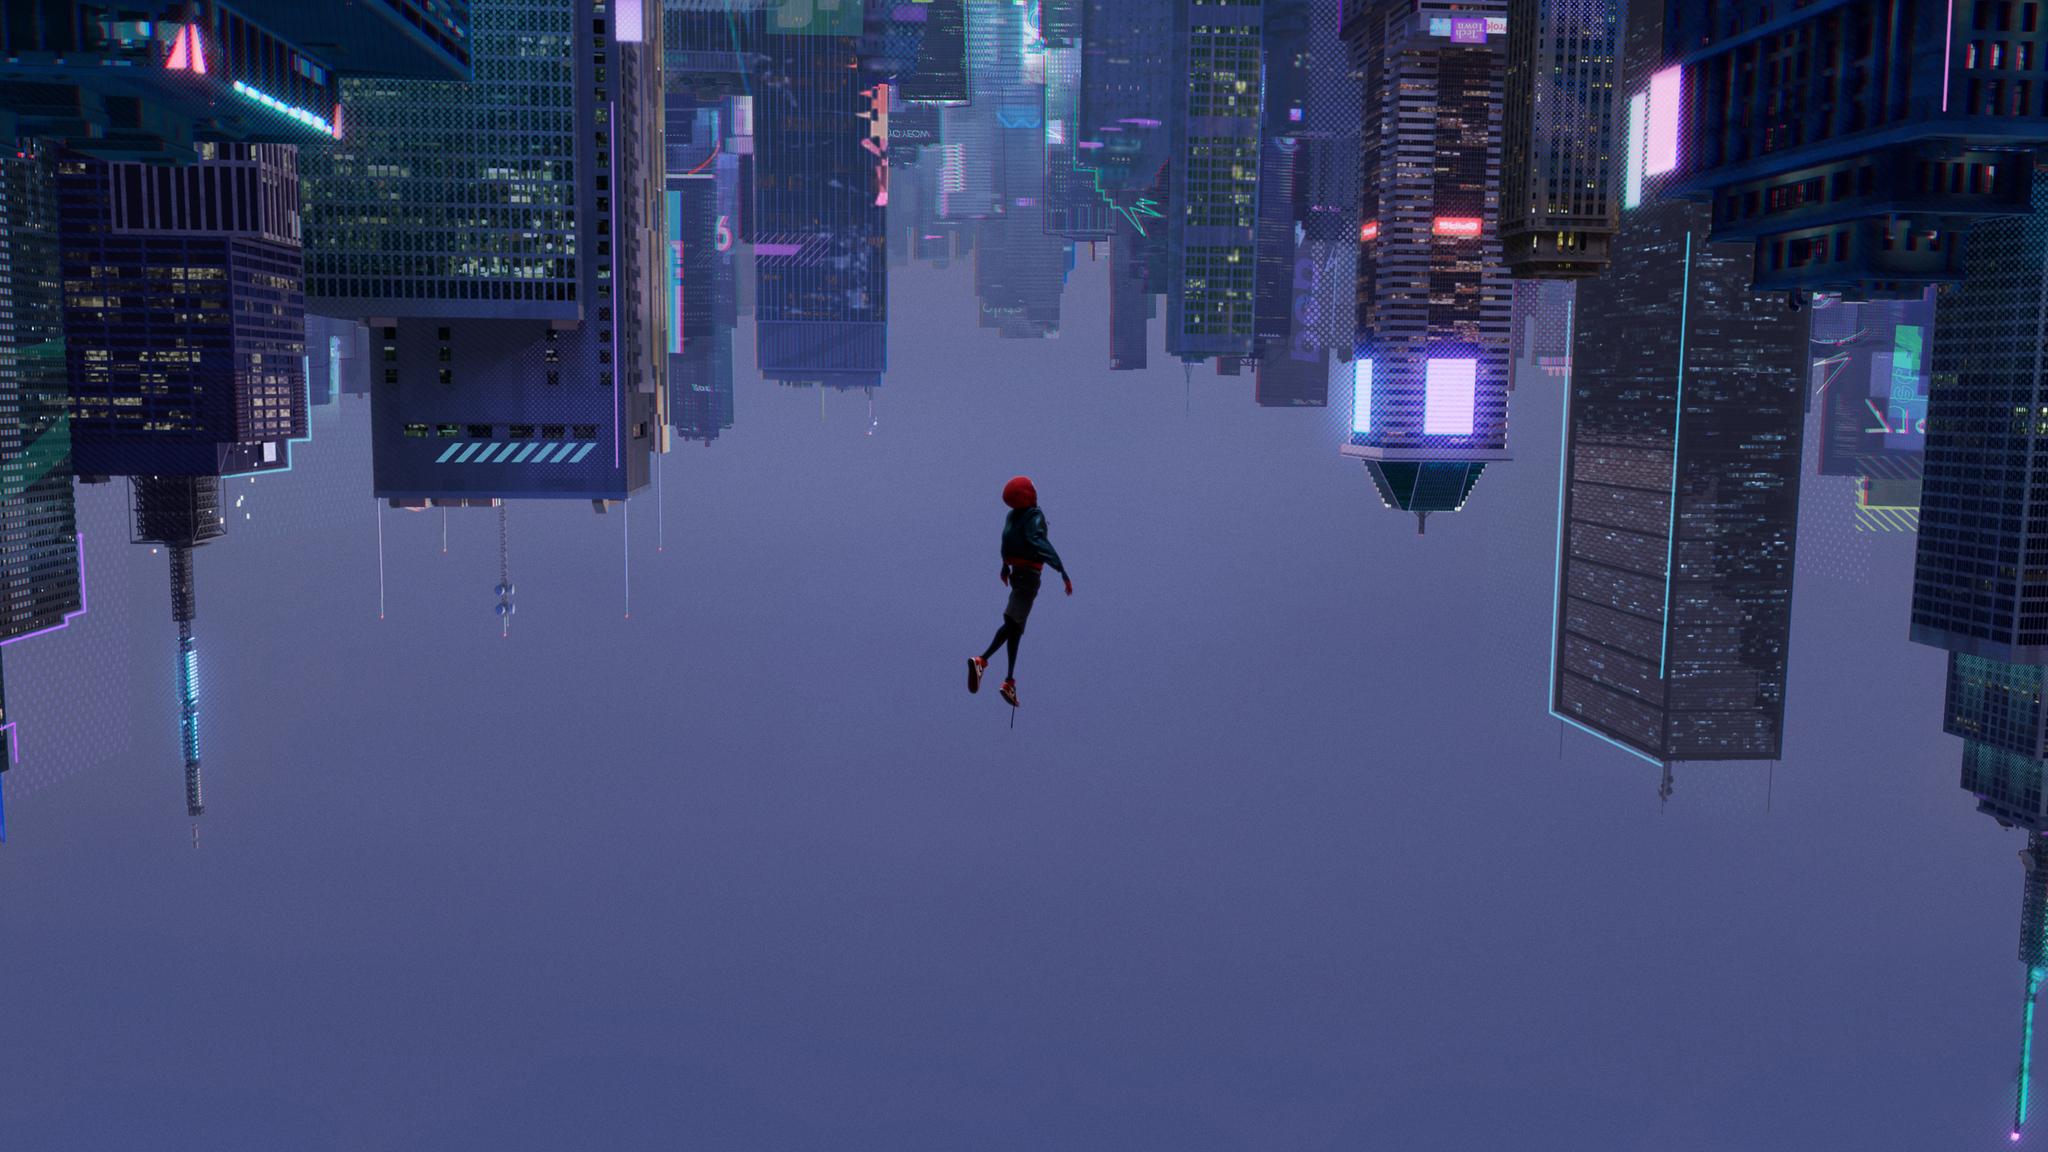 spiderman-into-the-spider-verse-2018-movie-ey.jpg